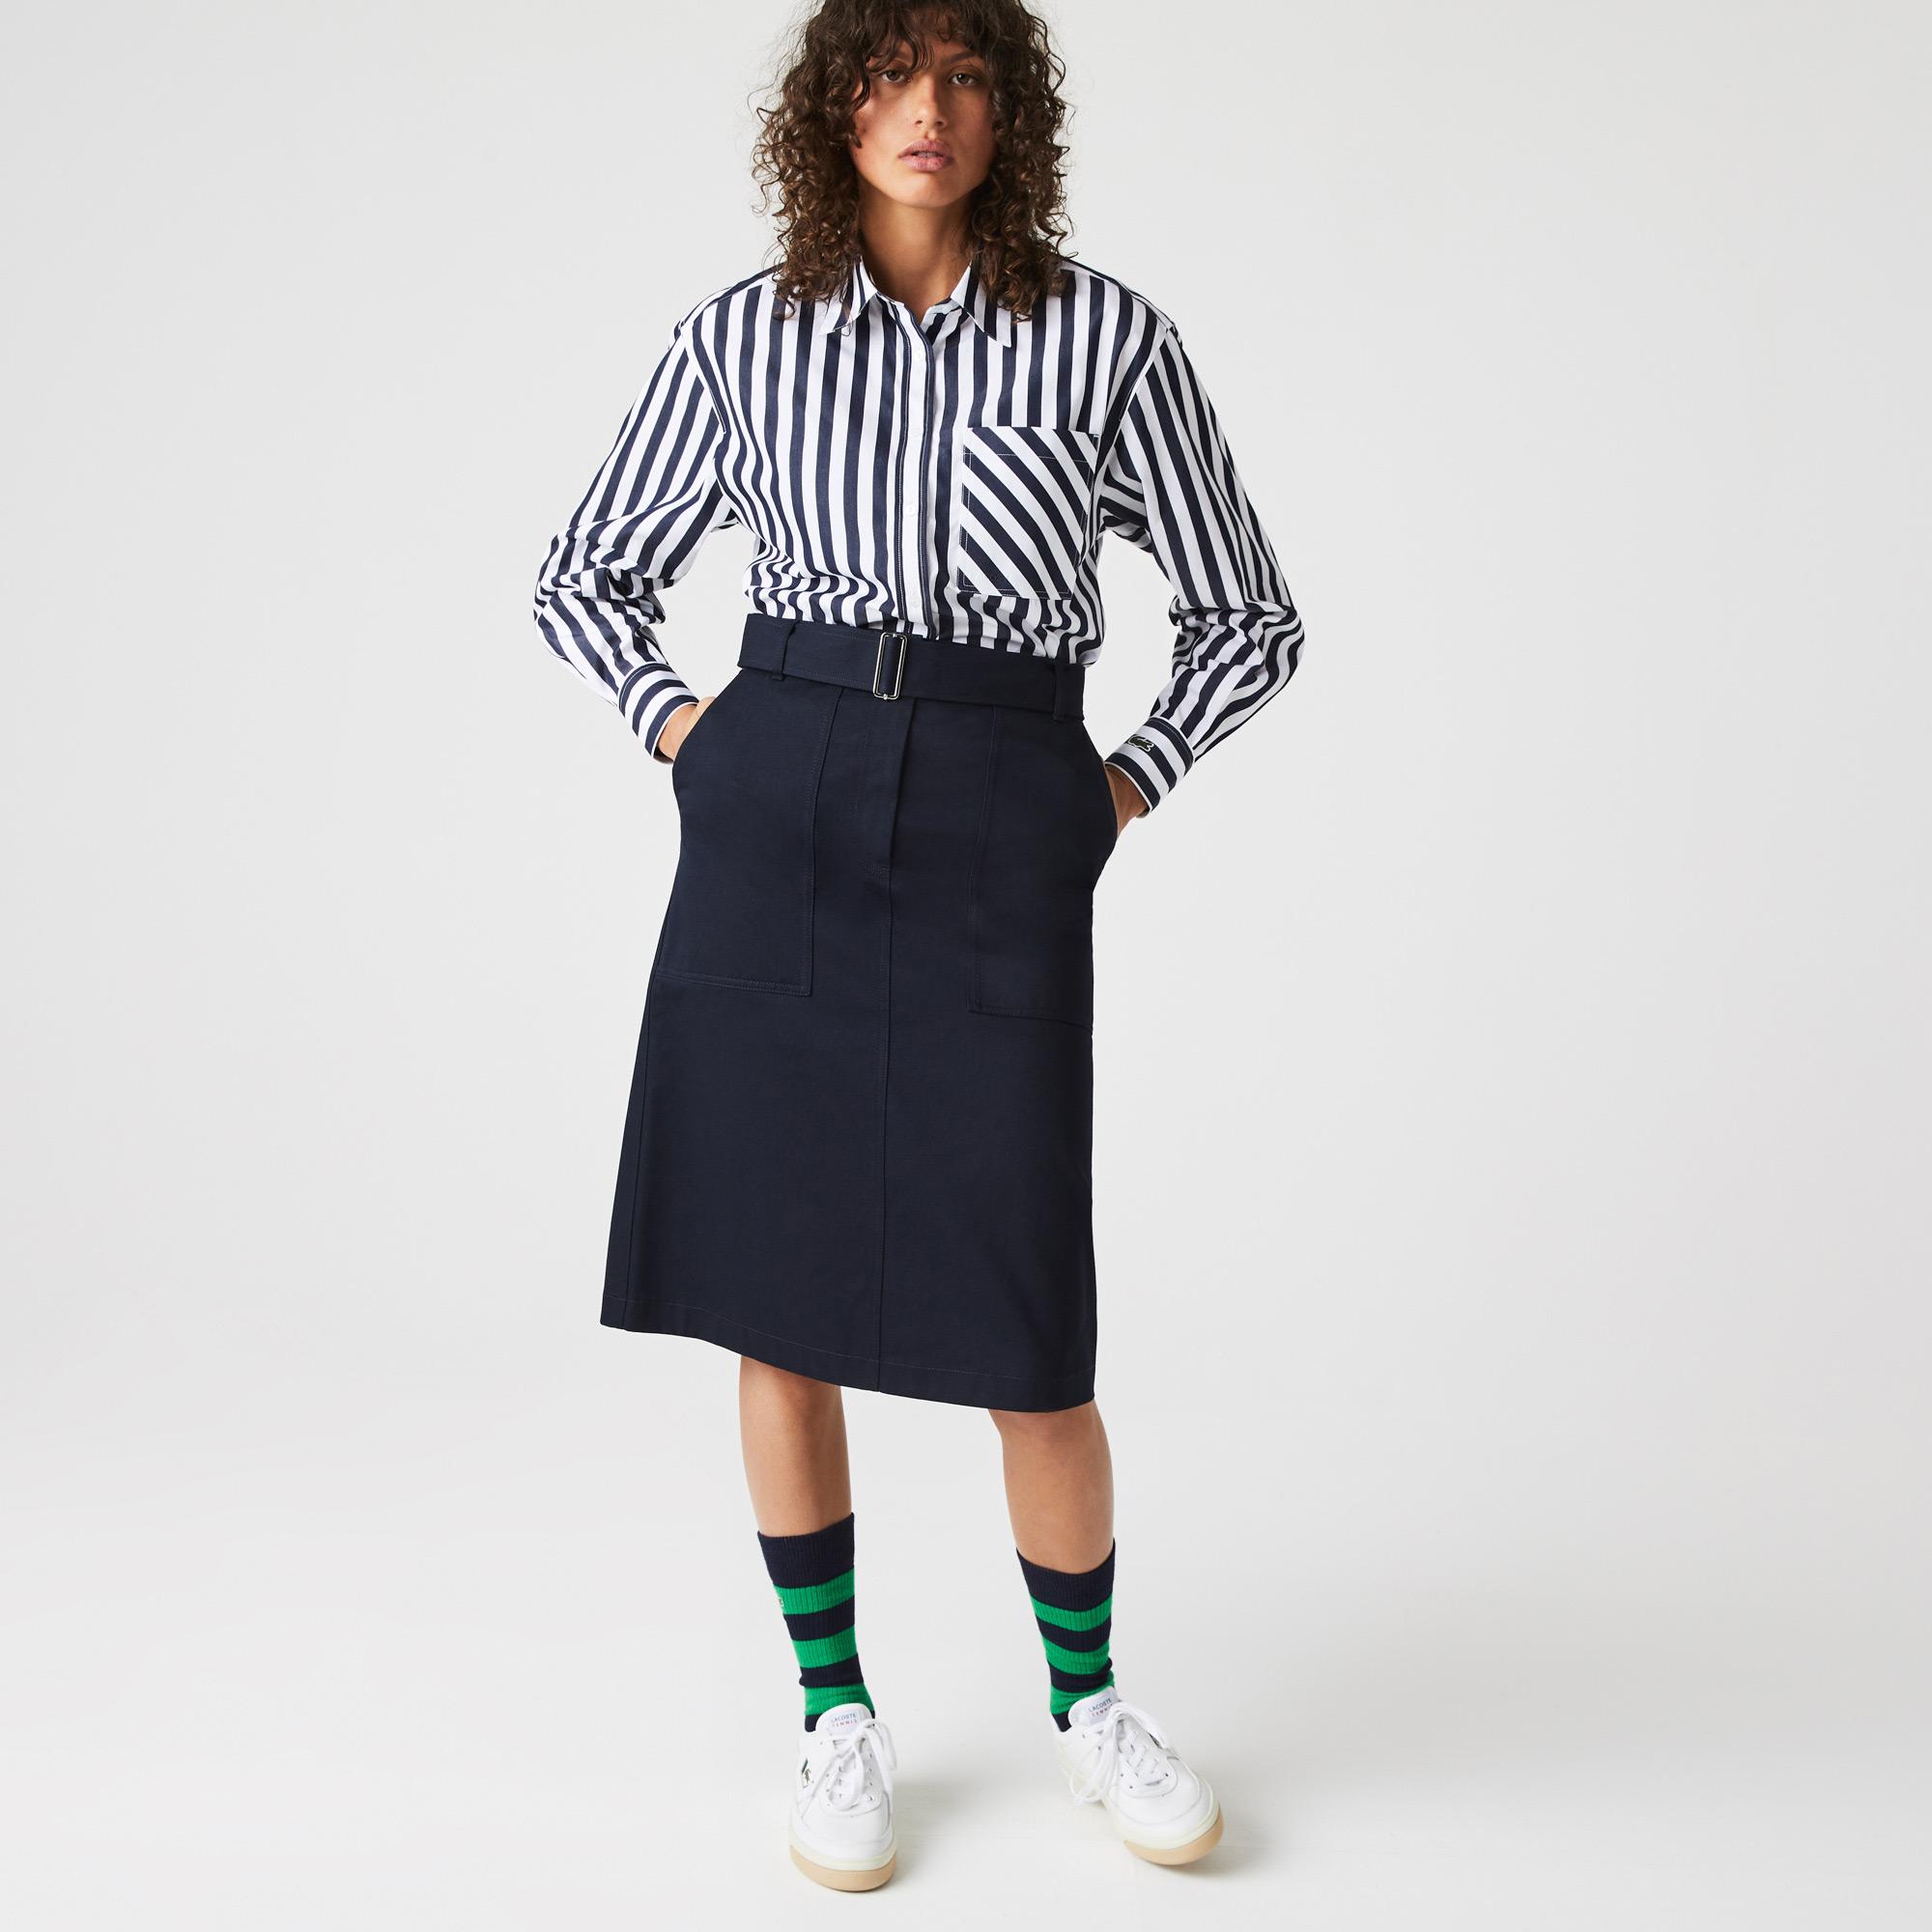 Lacoste Kadın Relaxed Fit Oversize Çizgili Lacivert Gömlek